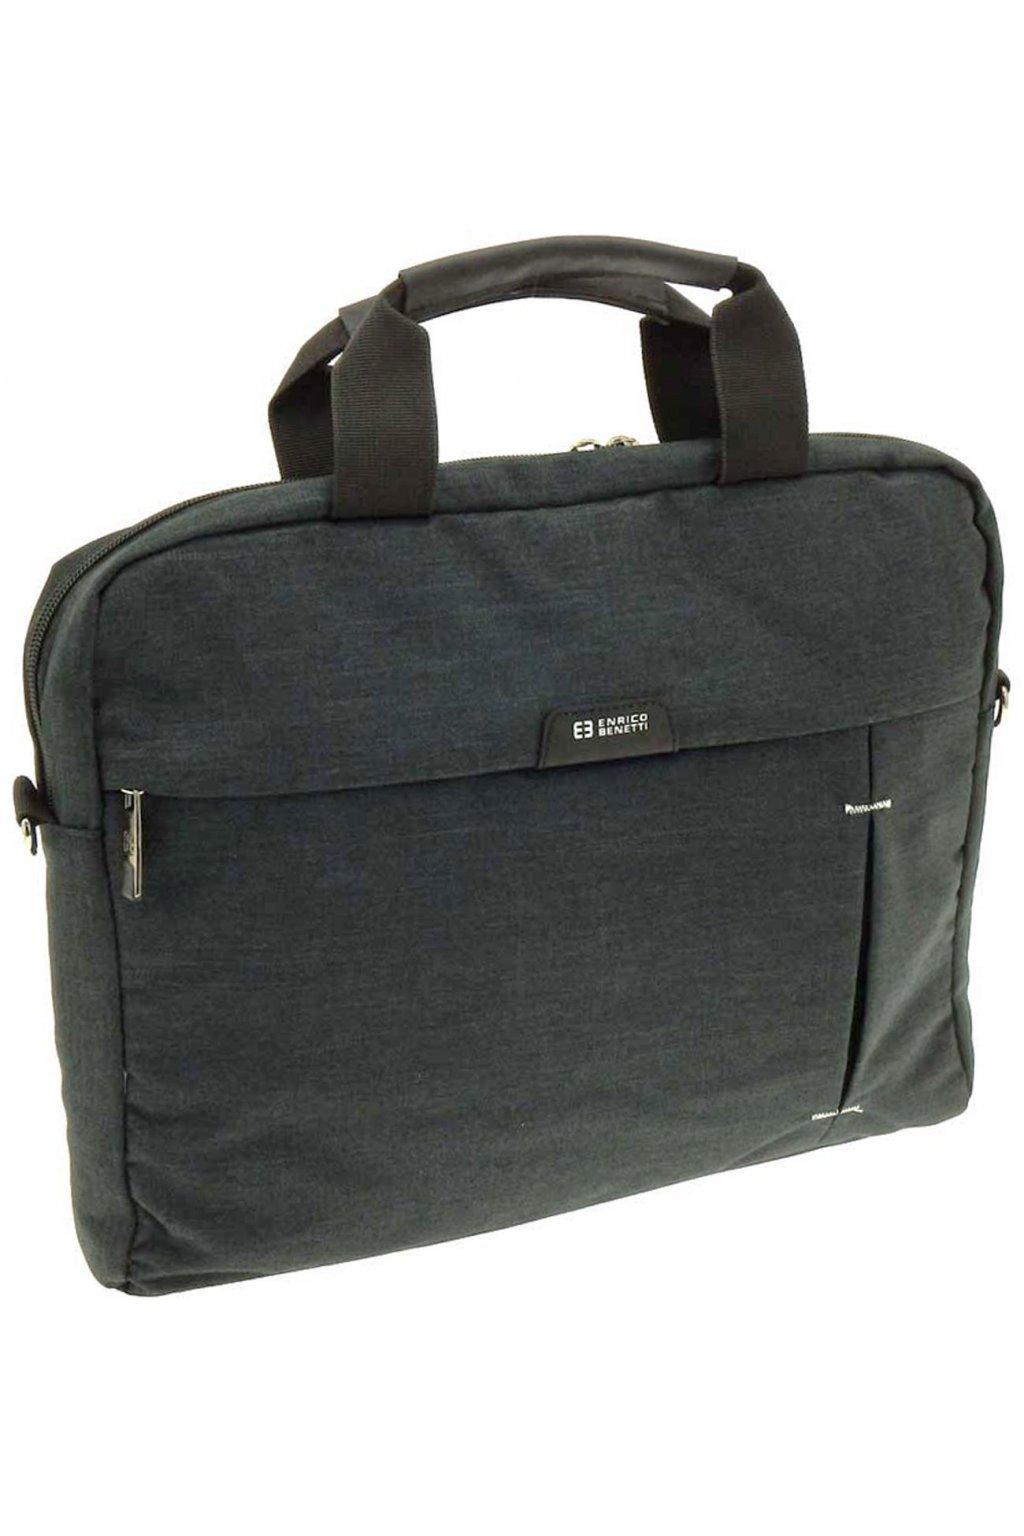 Panska taska textilni cerna PTT03 47171